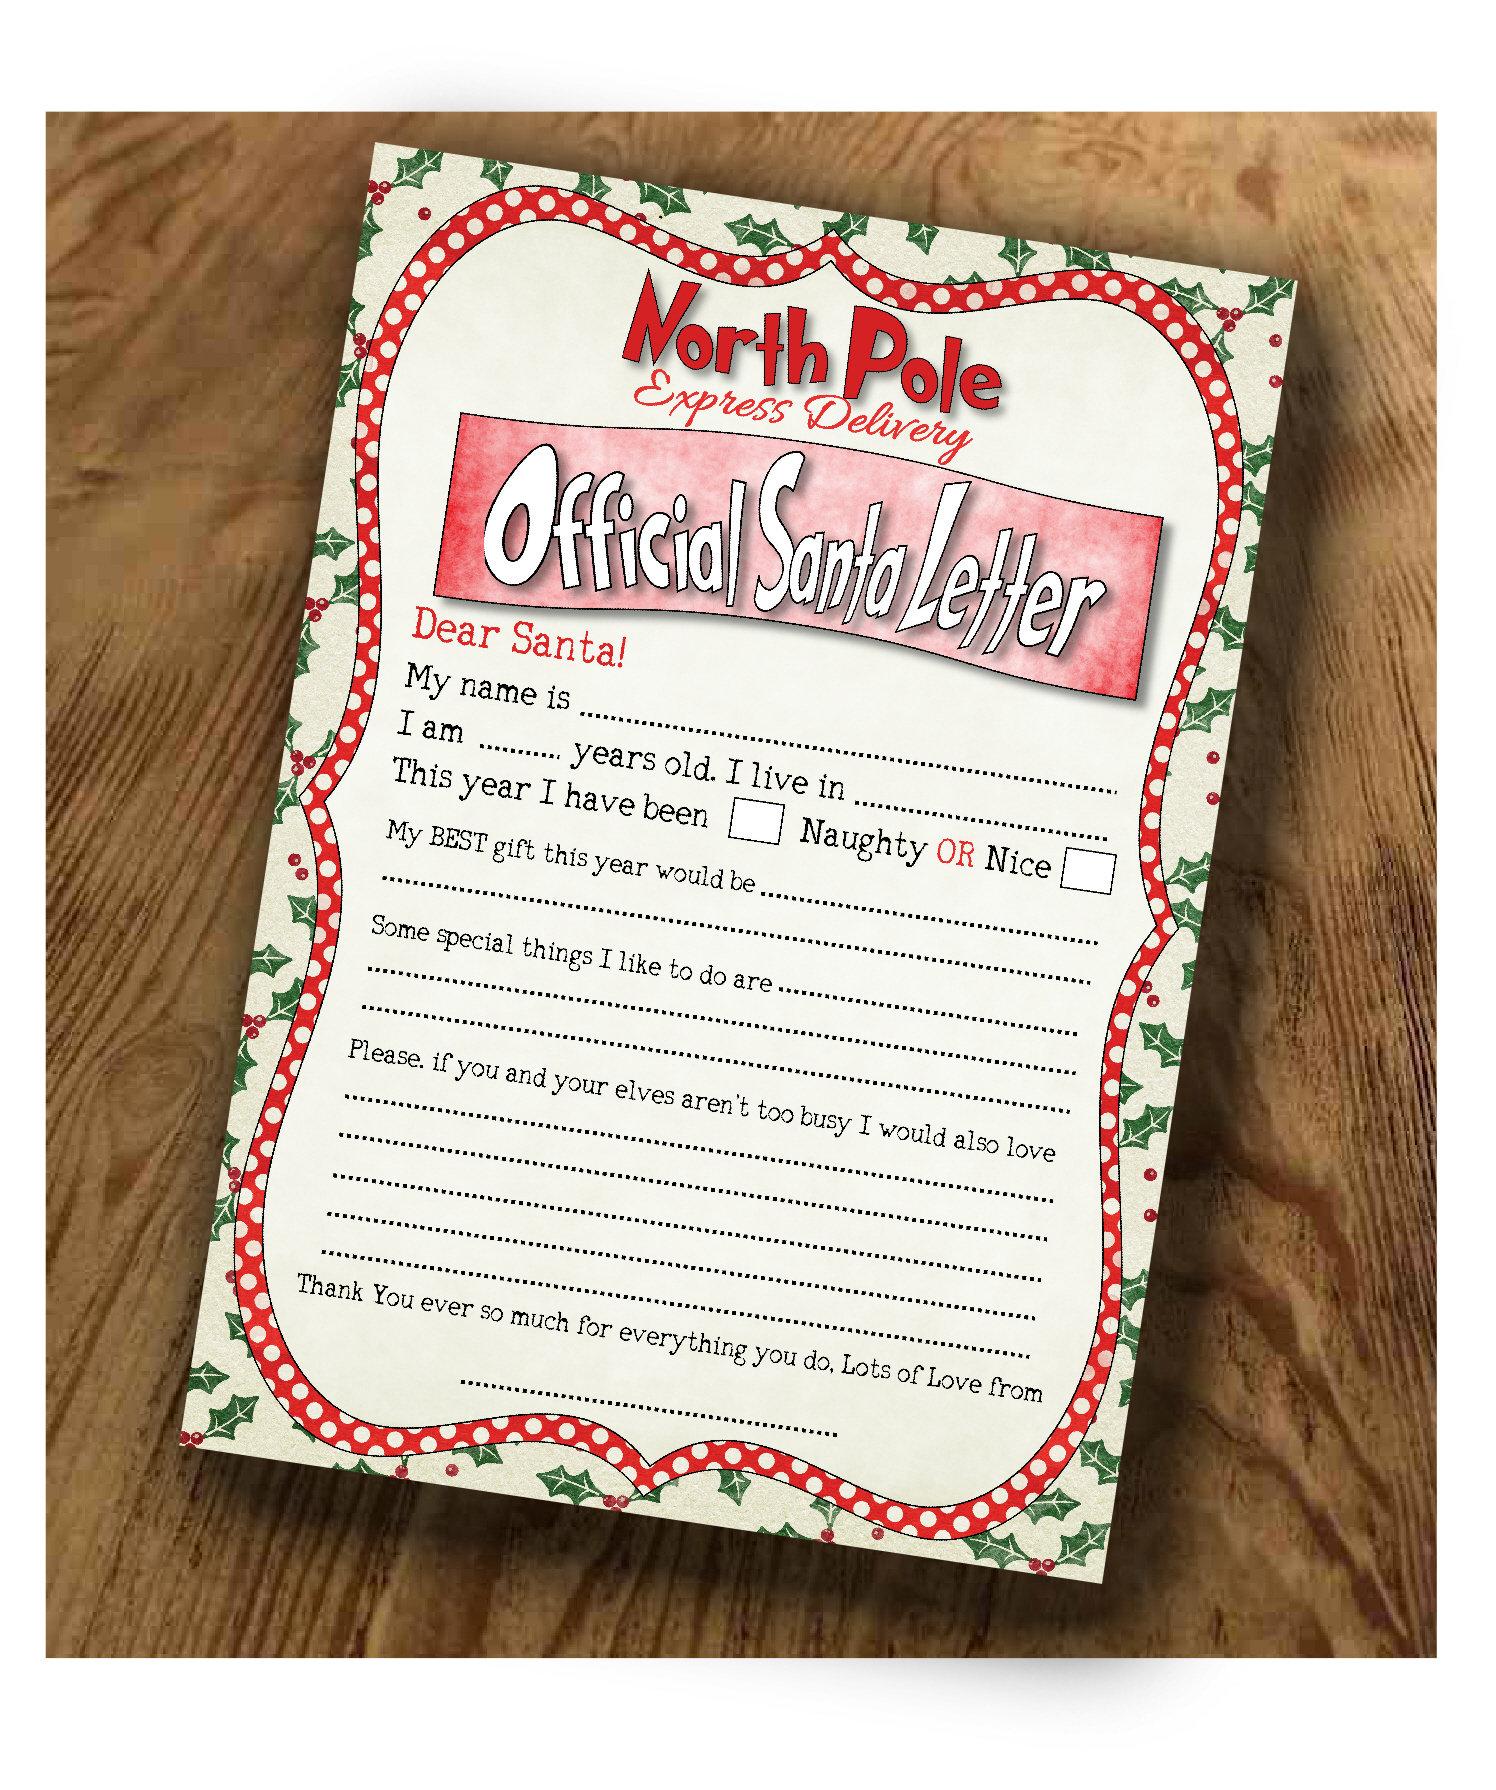 Letter to Santa Claus Kids Christmas Letter Kids Santa | Etsy